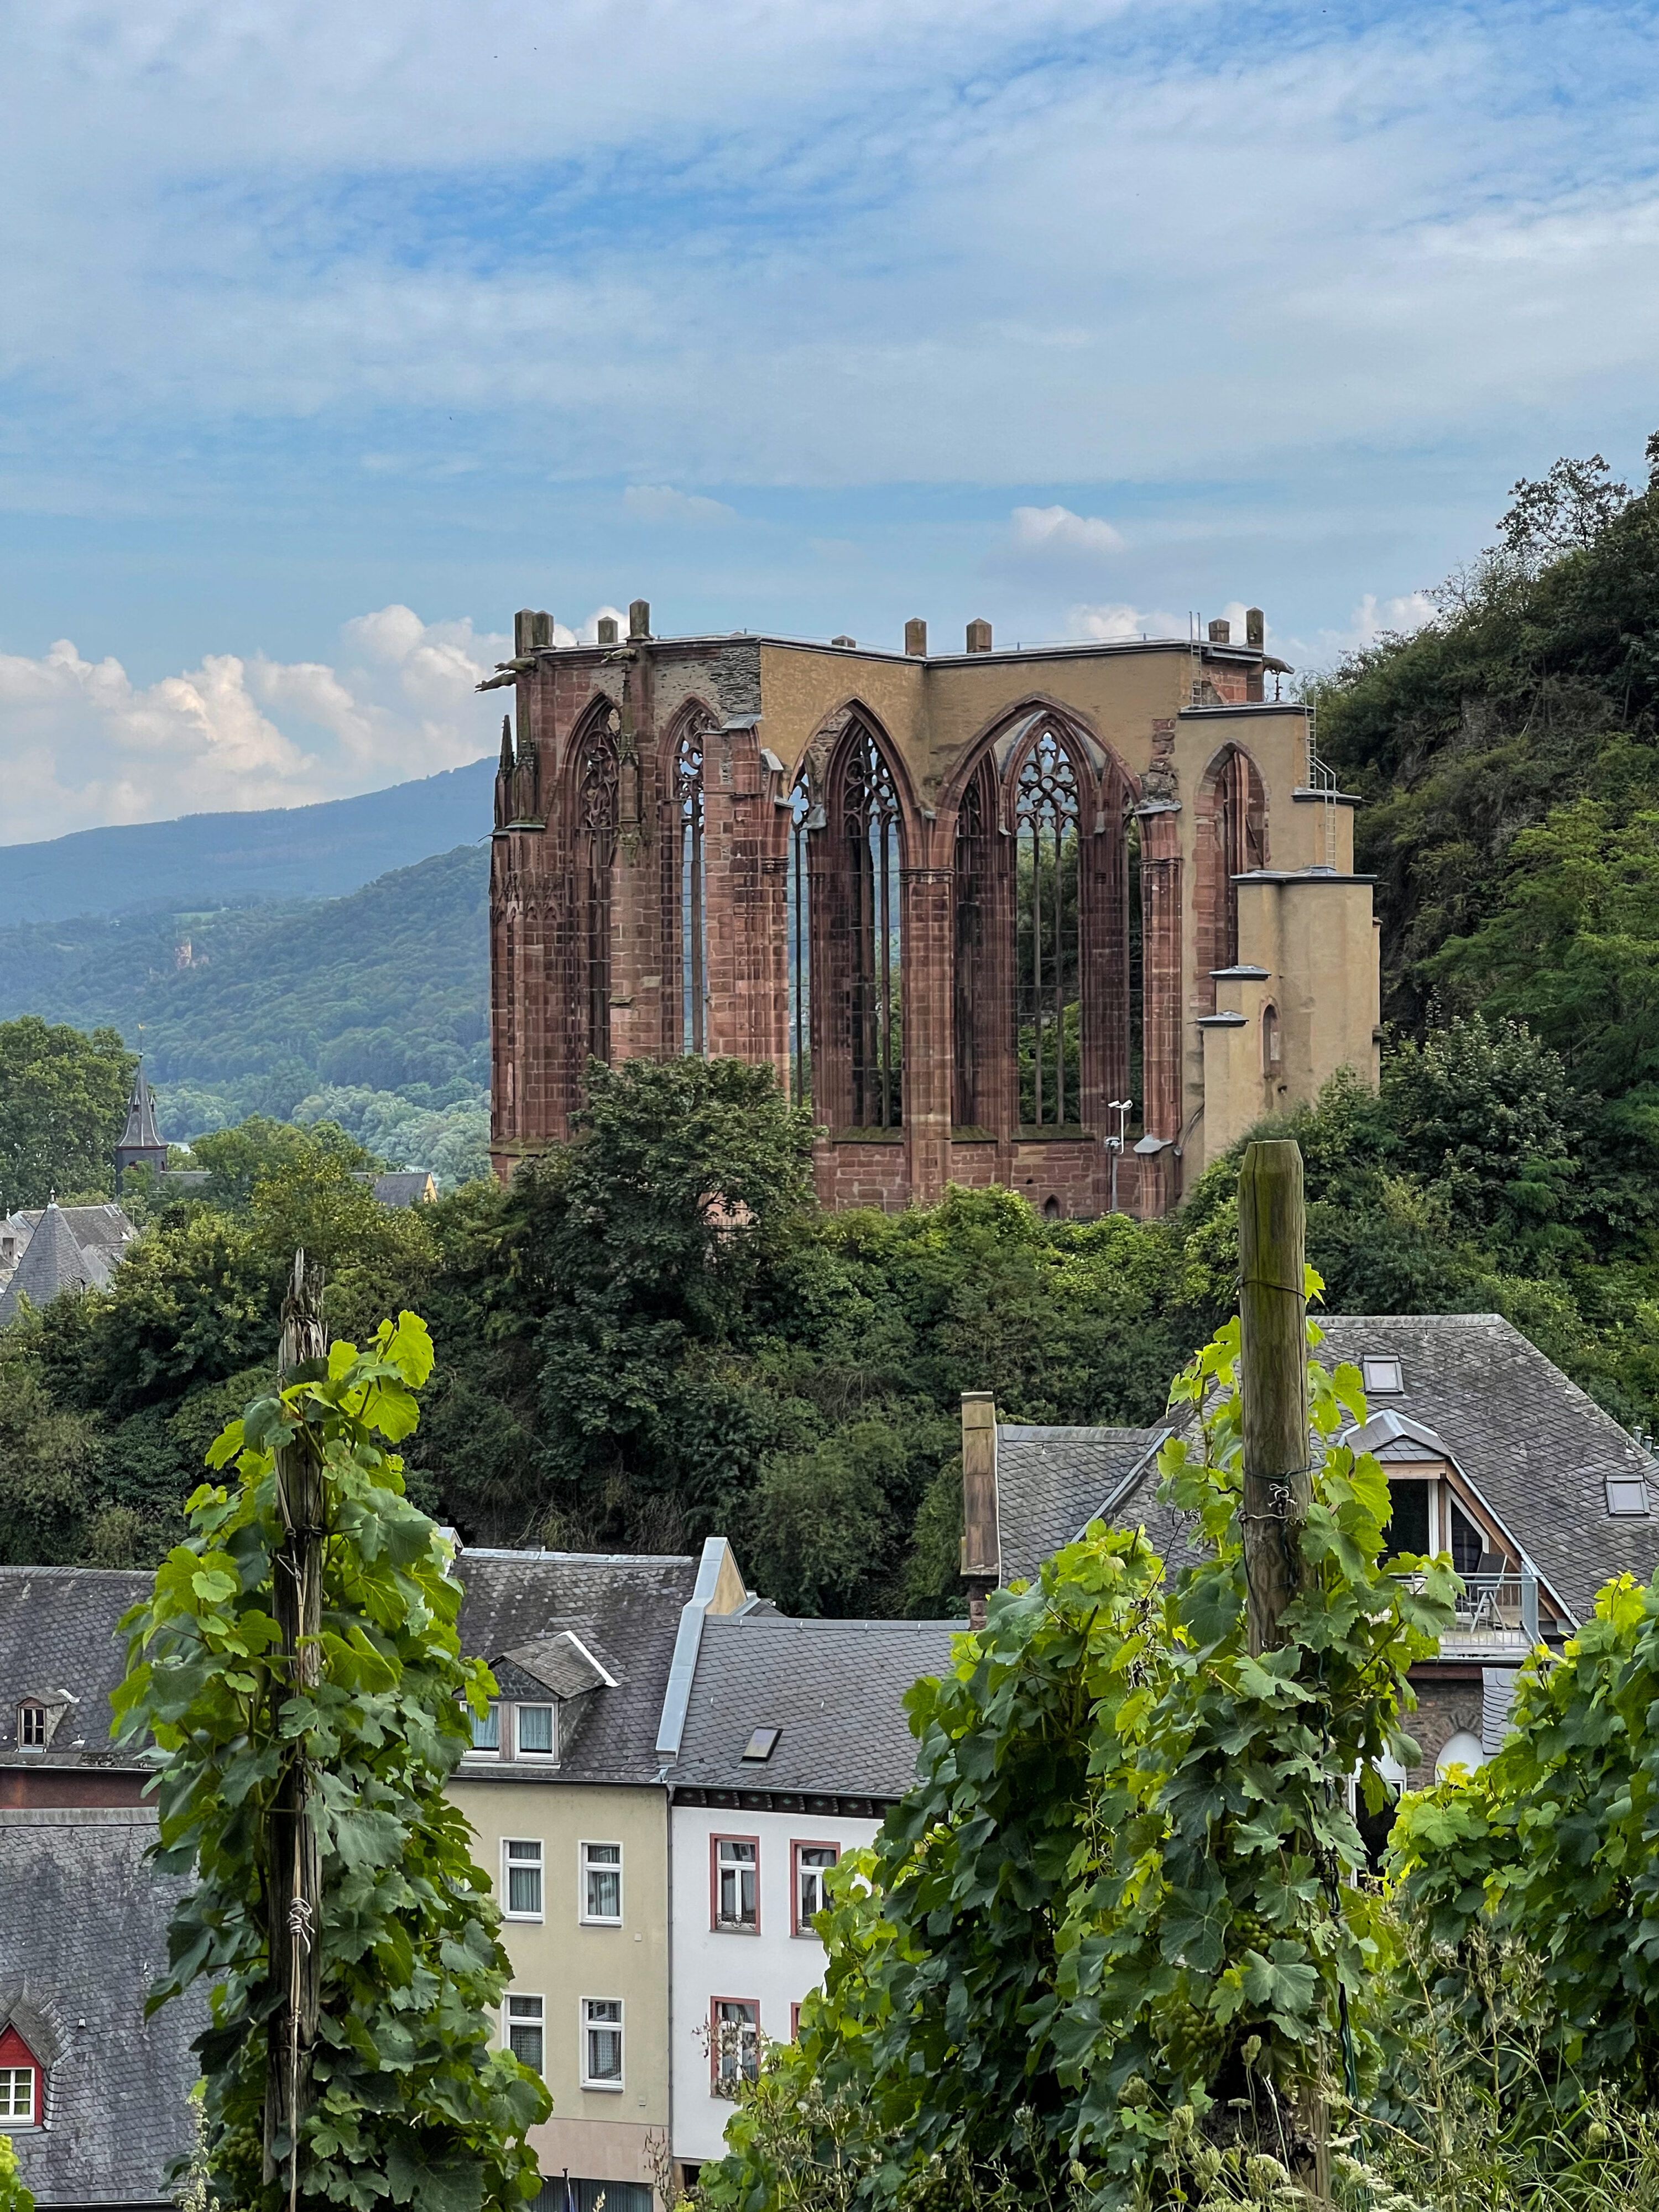 Bacharach – ein Schmuckstück der Rheinromantik: Wernerkapelle